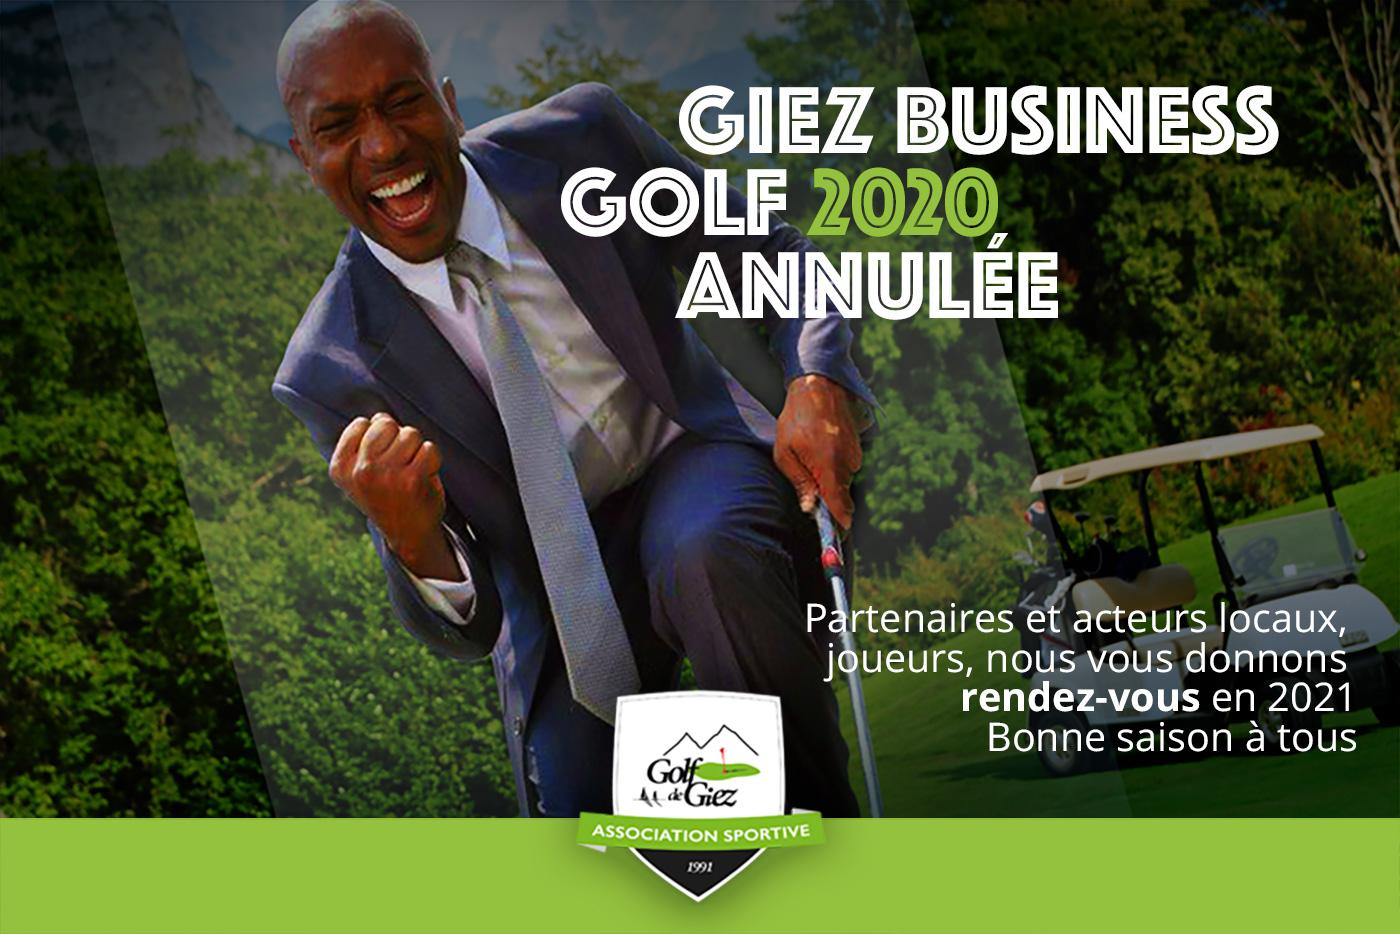 Gierz business golf 2020